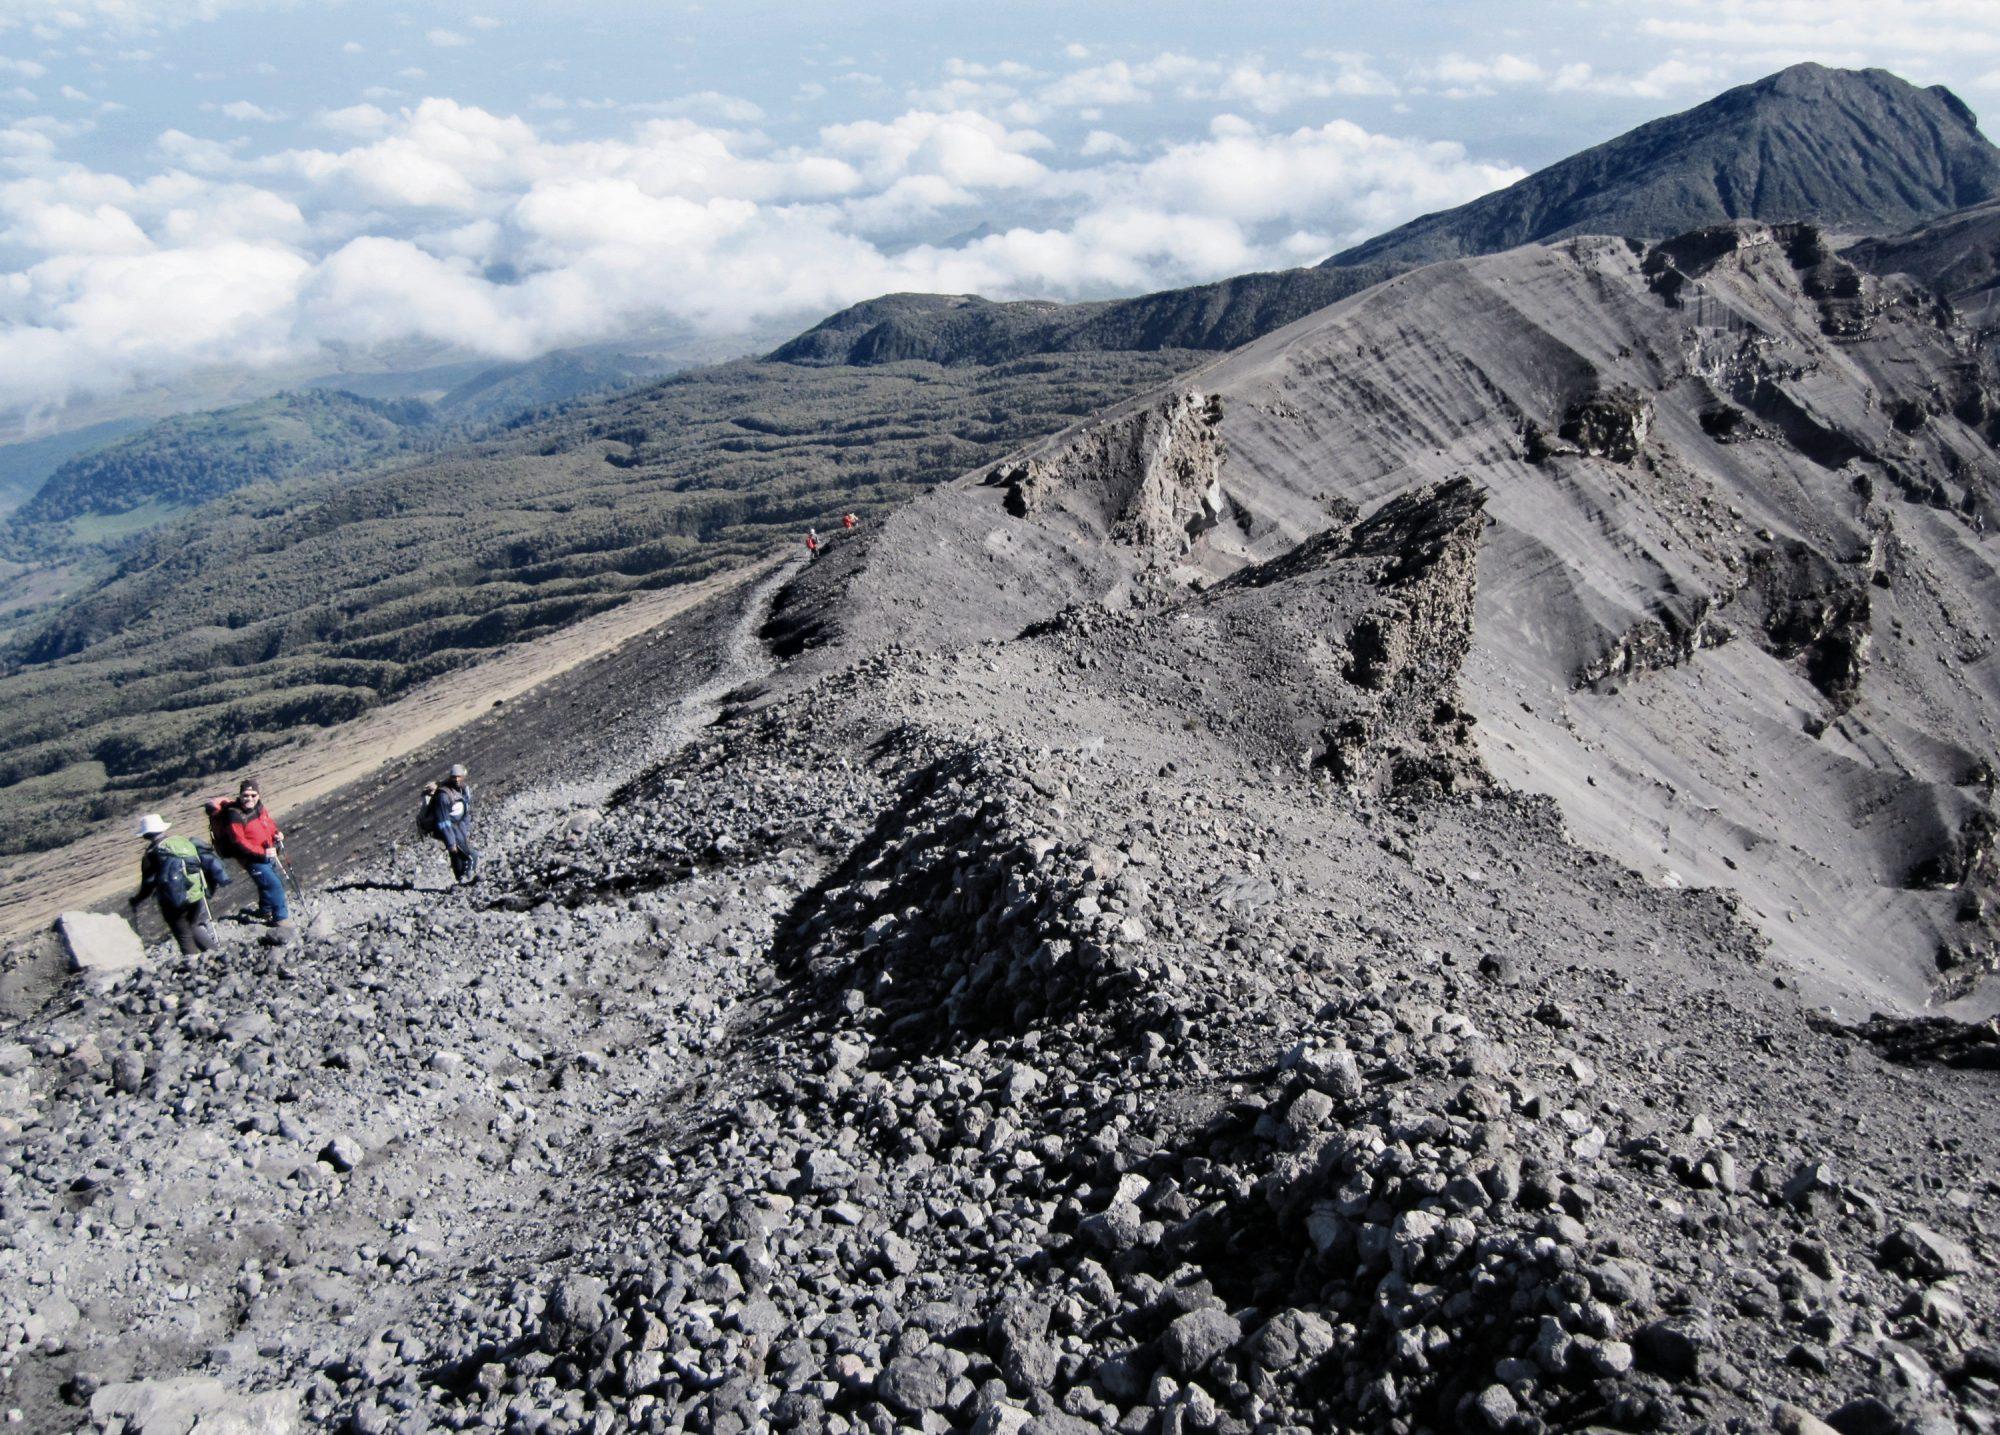 Wanderweg Mount Meru, Mount Meru Besteigung, Tour, Erfahrungsbericht, Afrika, Tansania, Bergtour